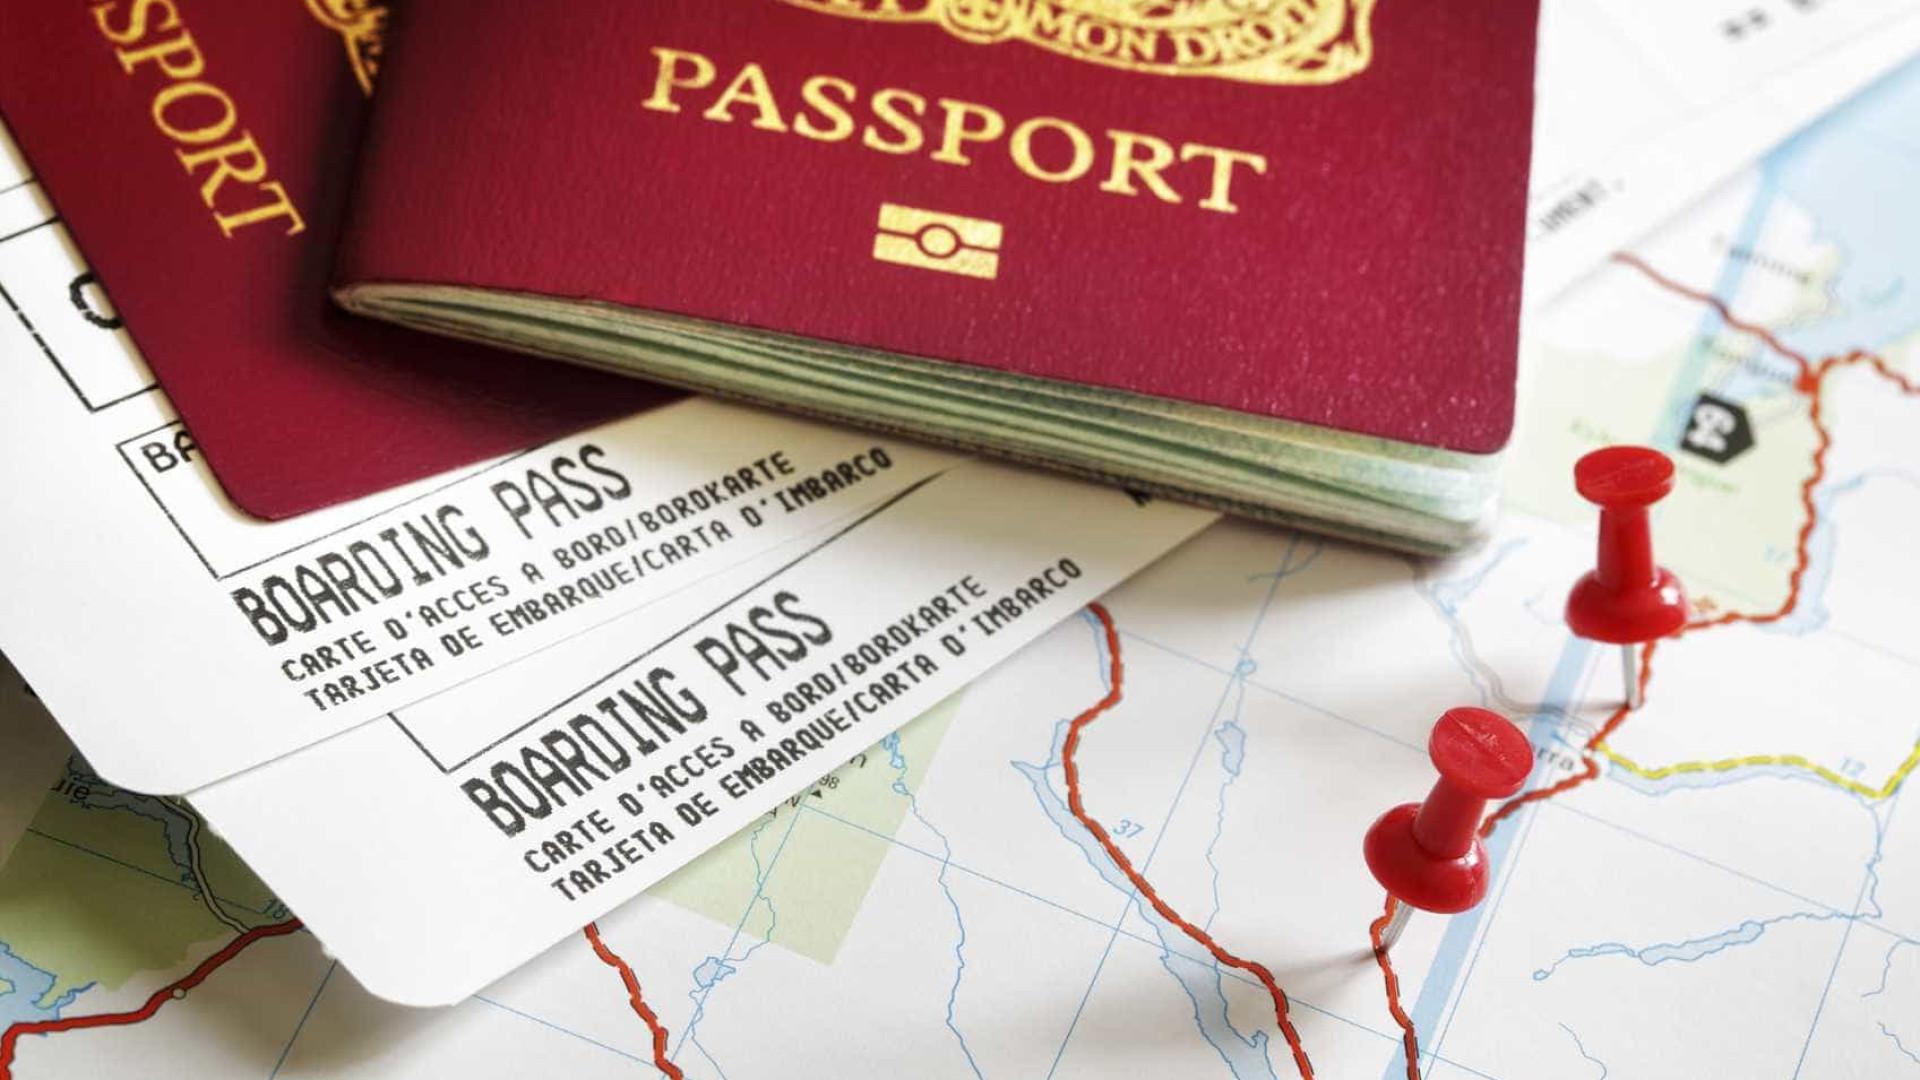 Portugal sobe uma posição na lista dos passaportes mais poderosos do mundo